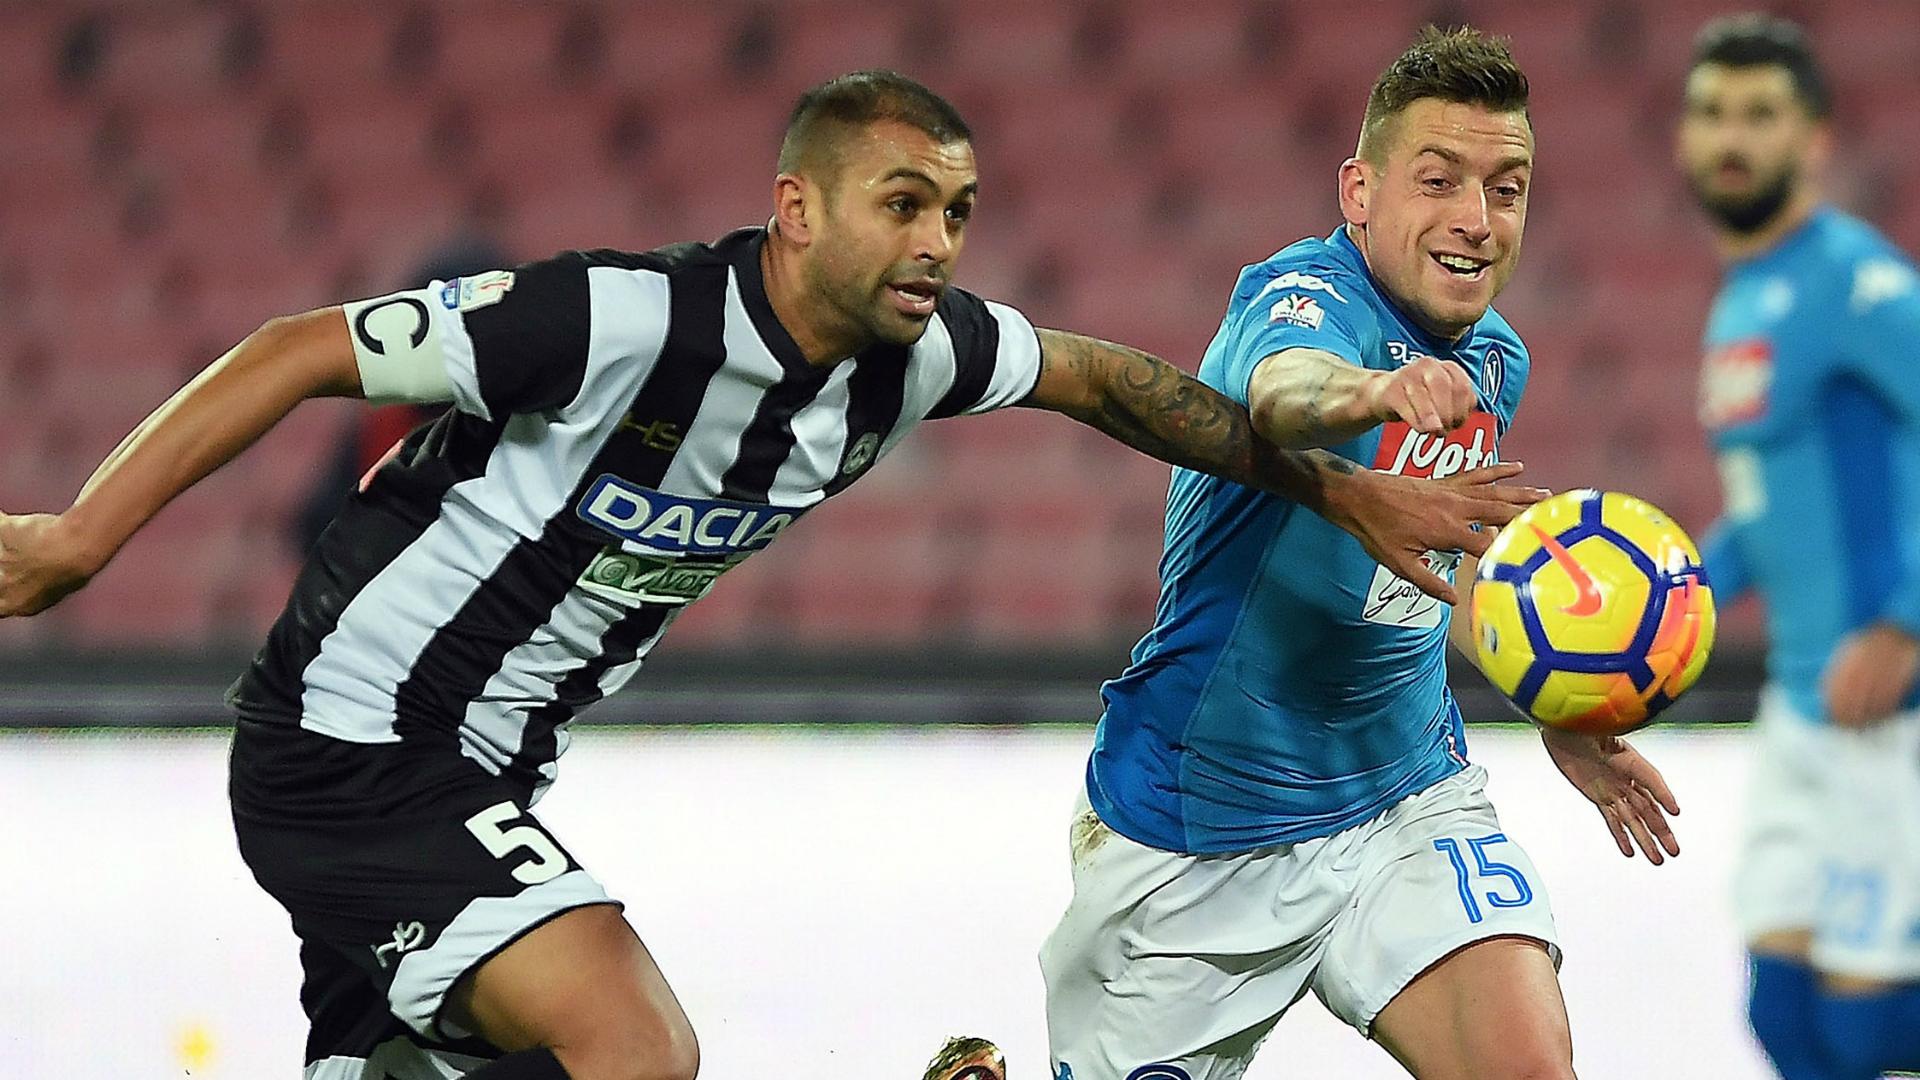 Danilo cacciato dal ritiro dell'Udinese, trattativa che si chiuderà a breve?